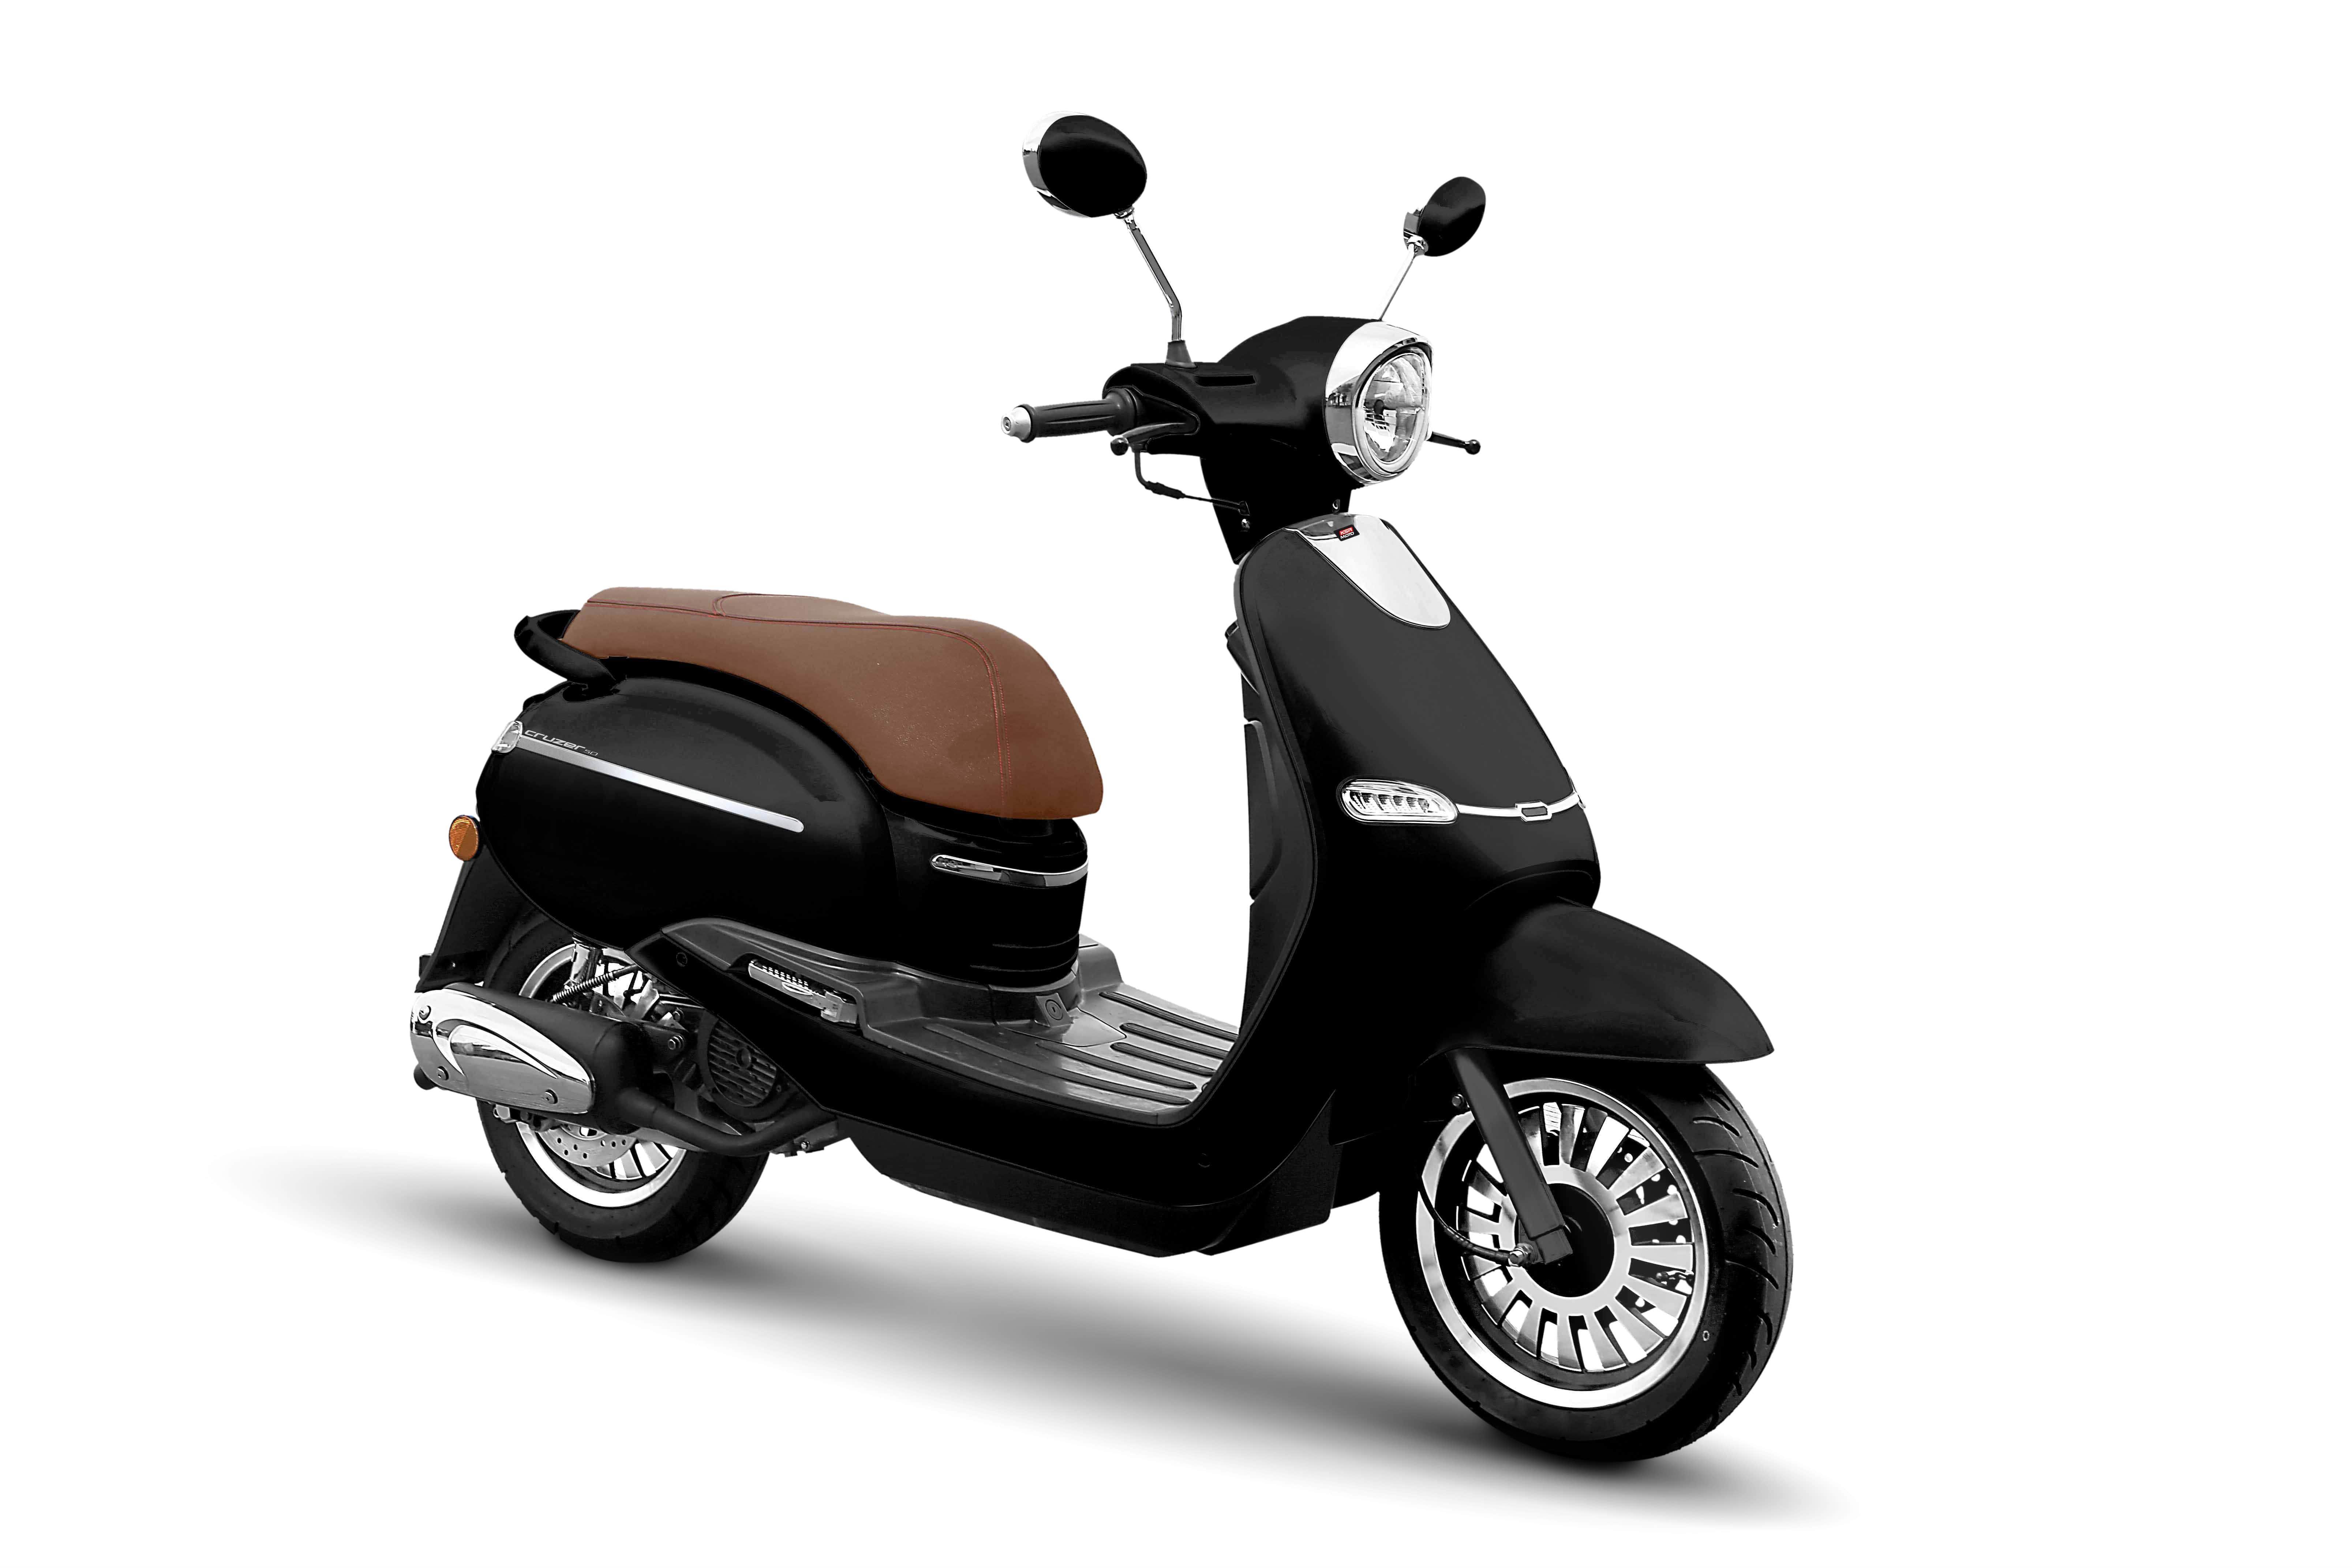 KSR MOTO Cruzer 50 4T Euro 4